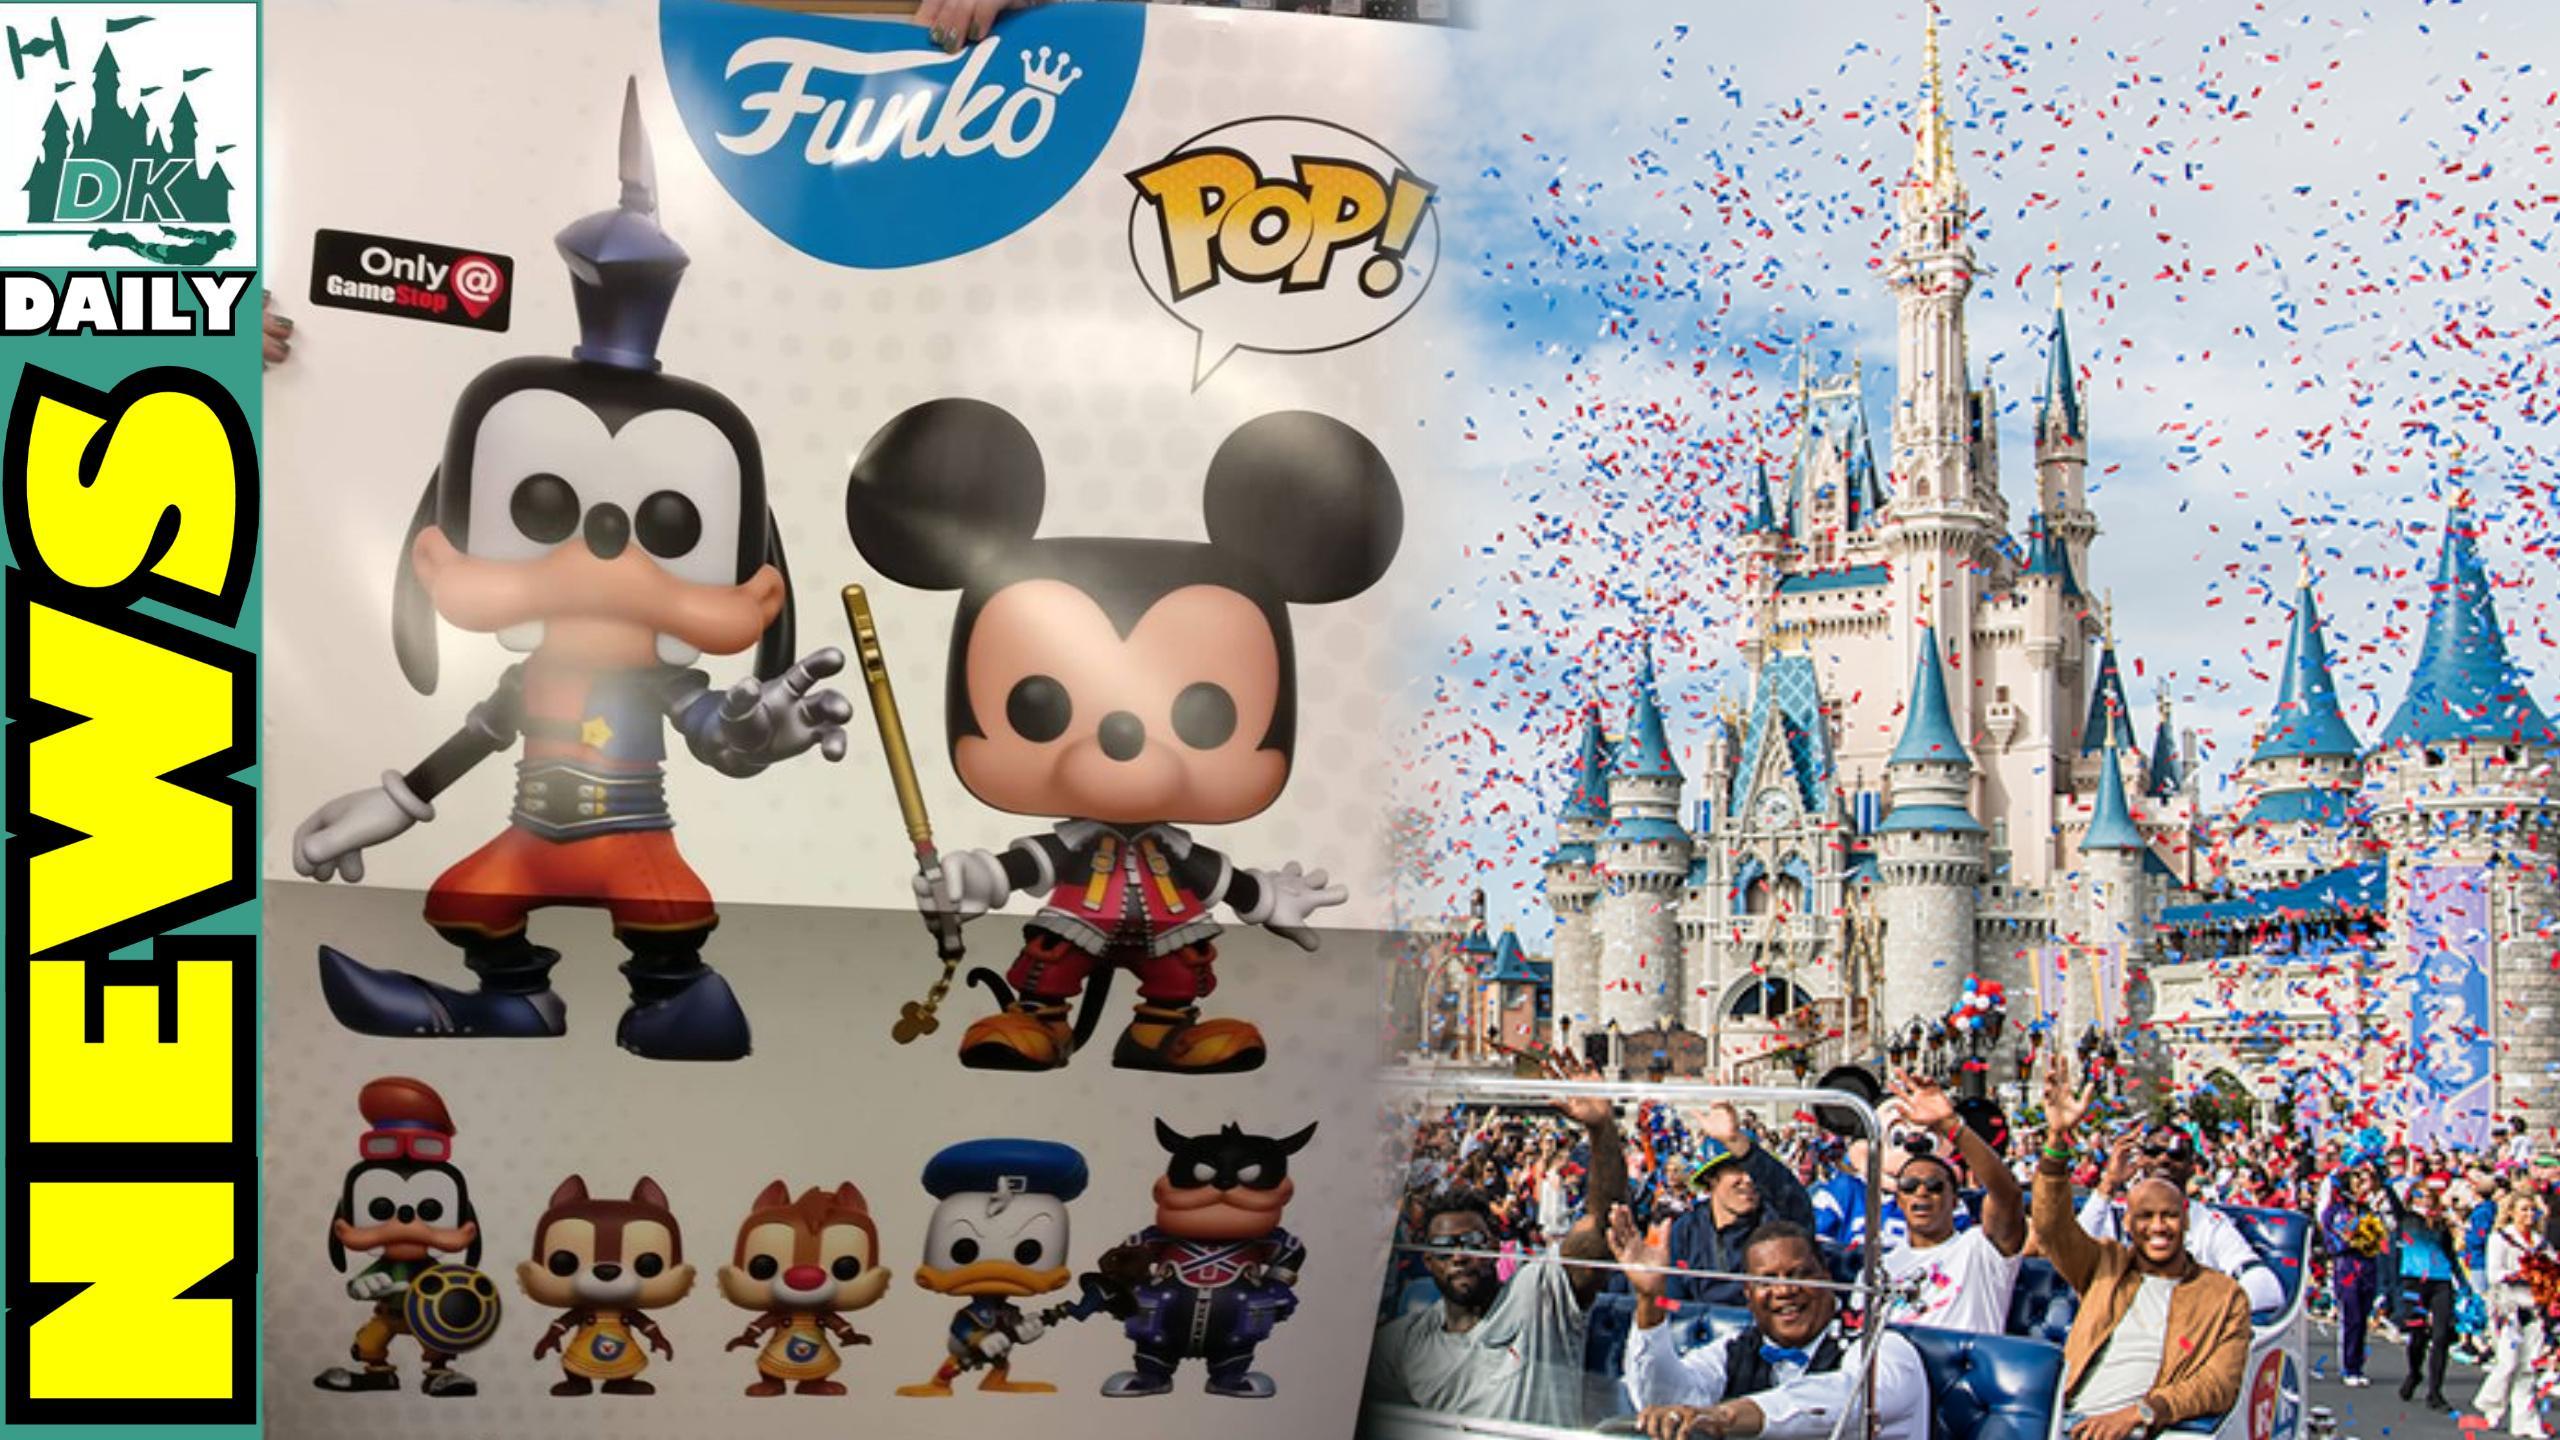 Kingdom Hearts Pop Vinyls Coming Soon | DK Disney News